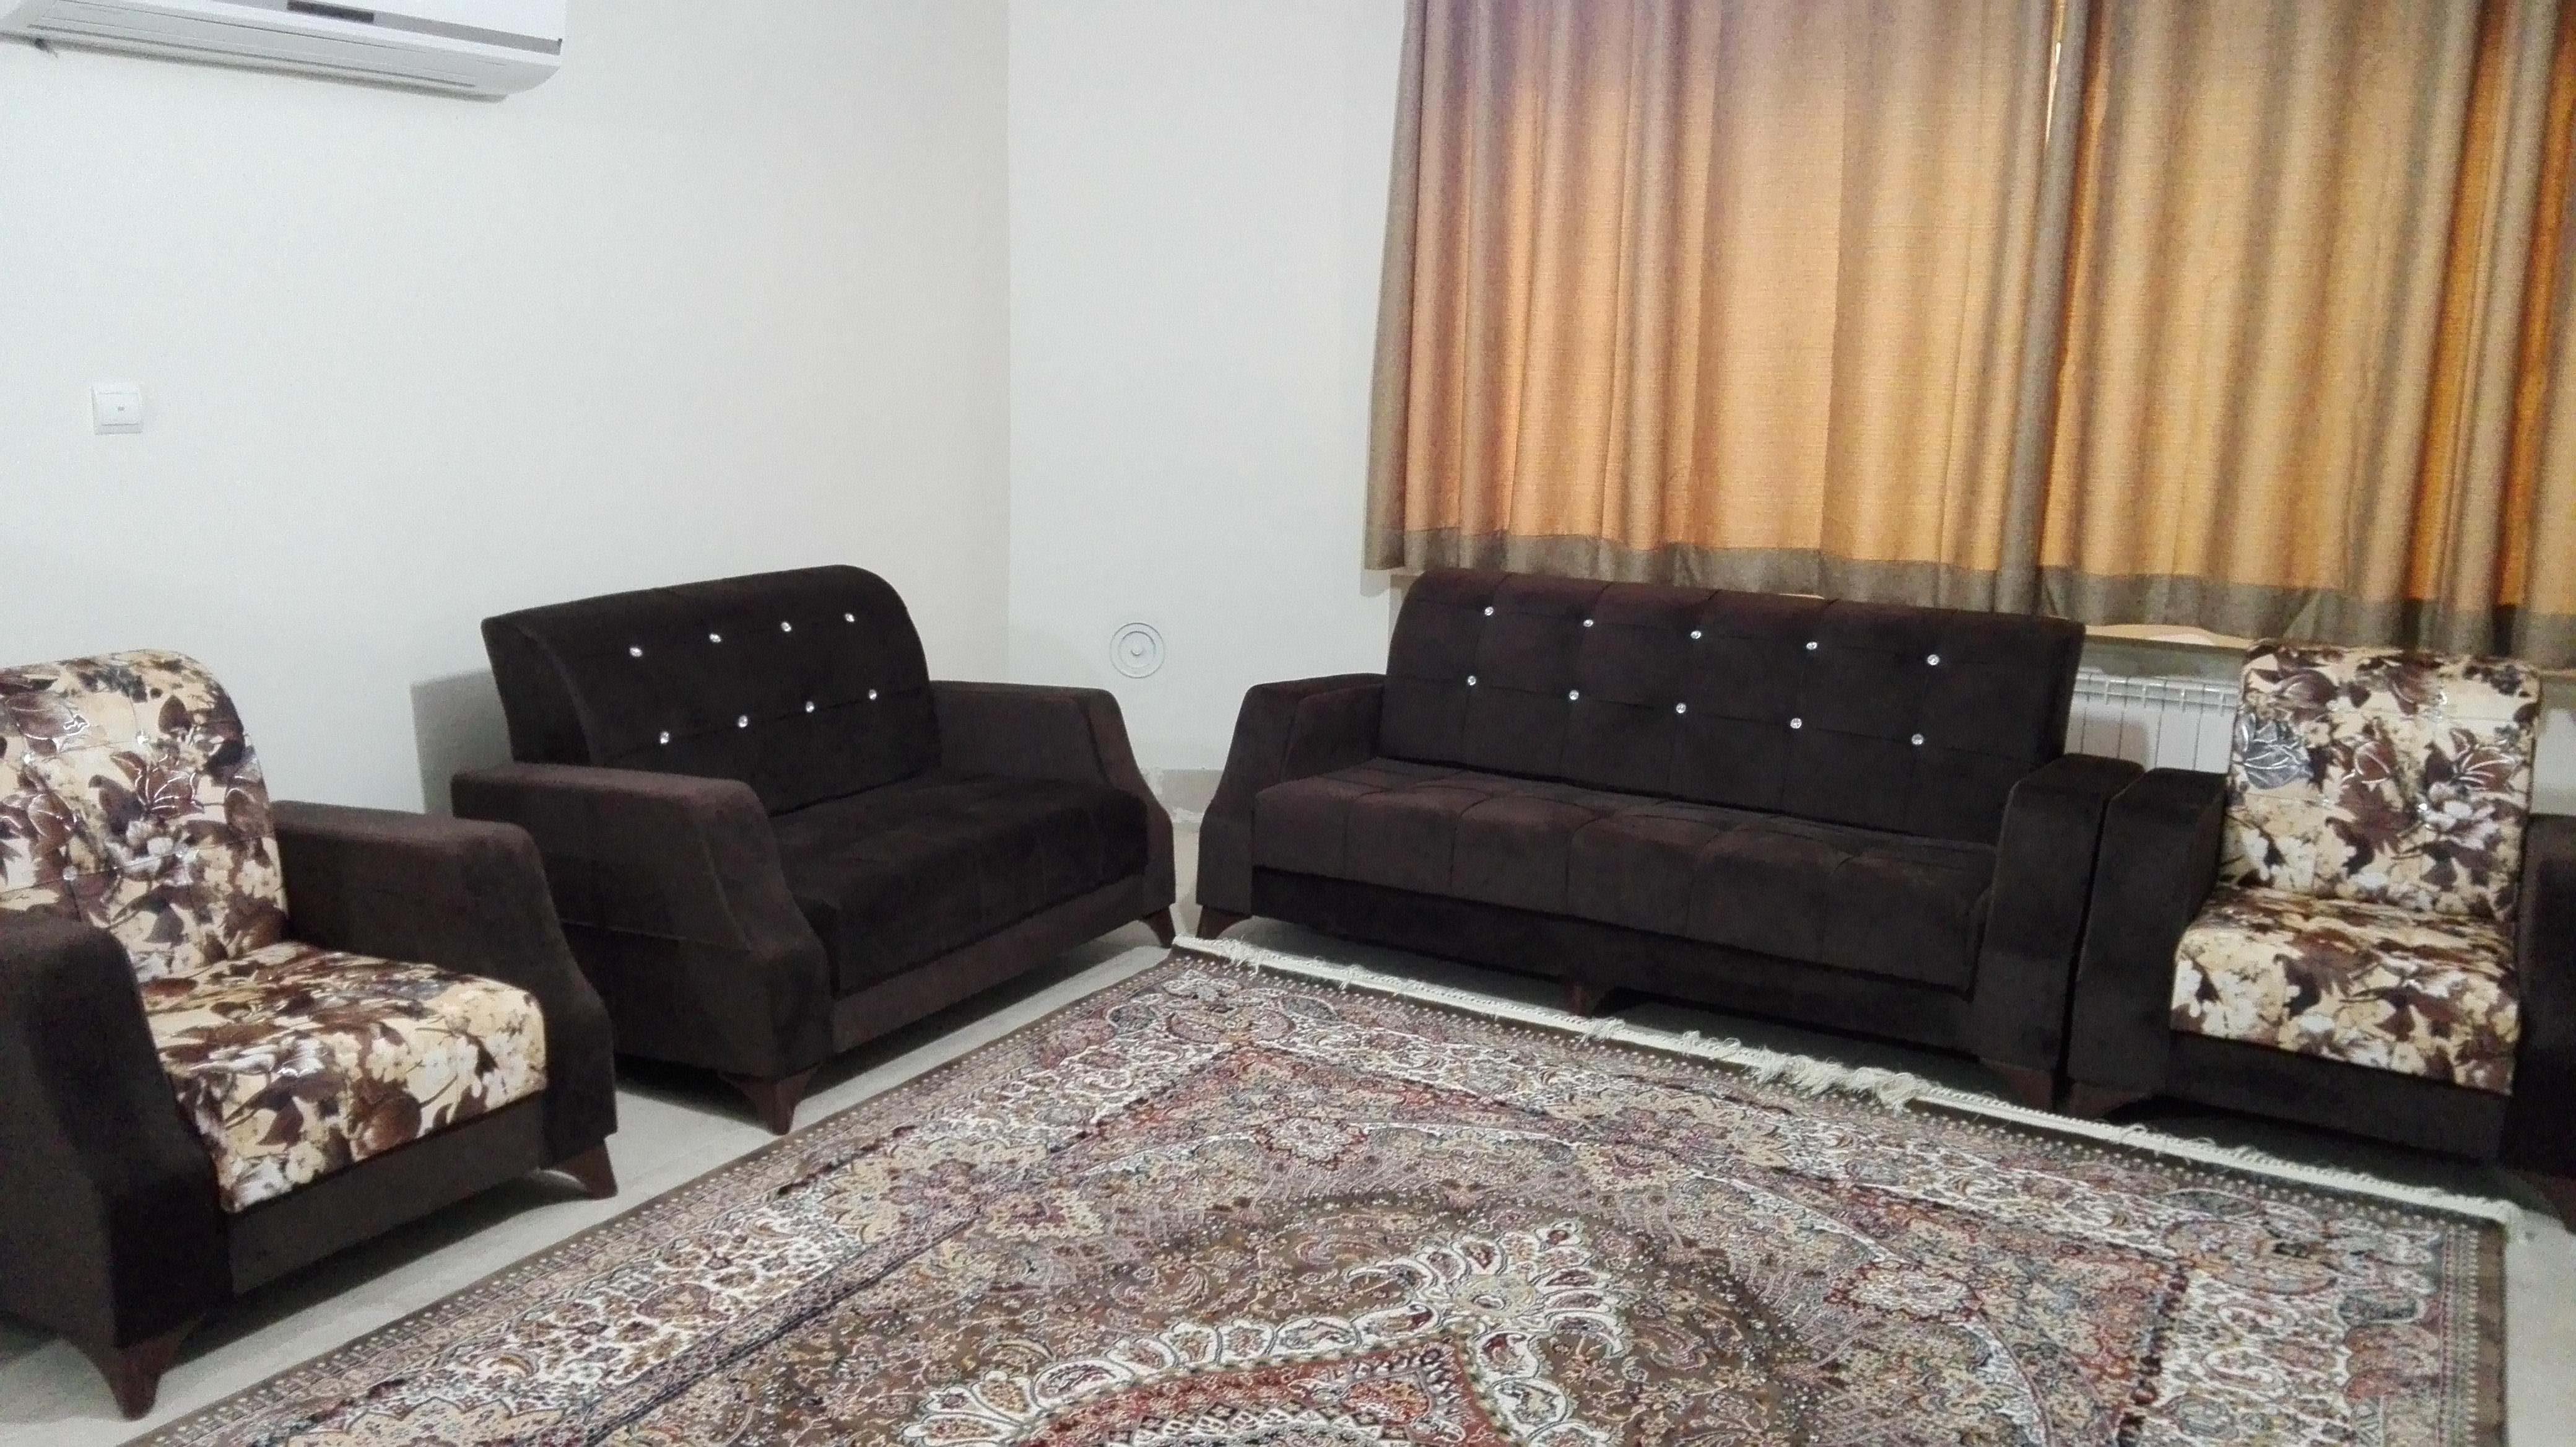 اپارتمان مبله اجاره در اصفهان NV6788   اسکان لند